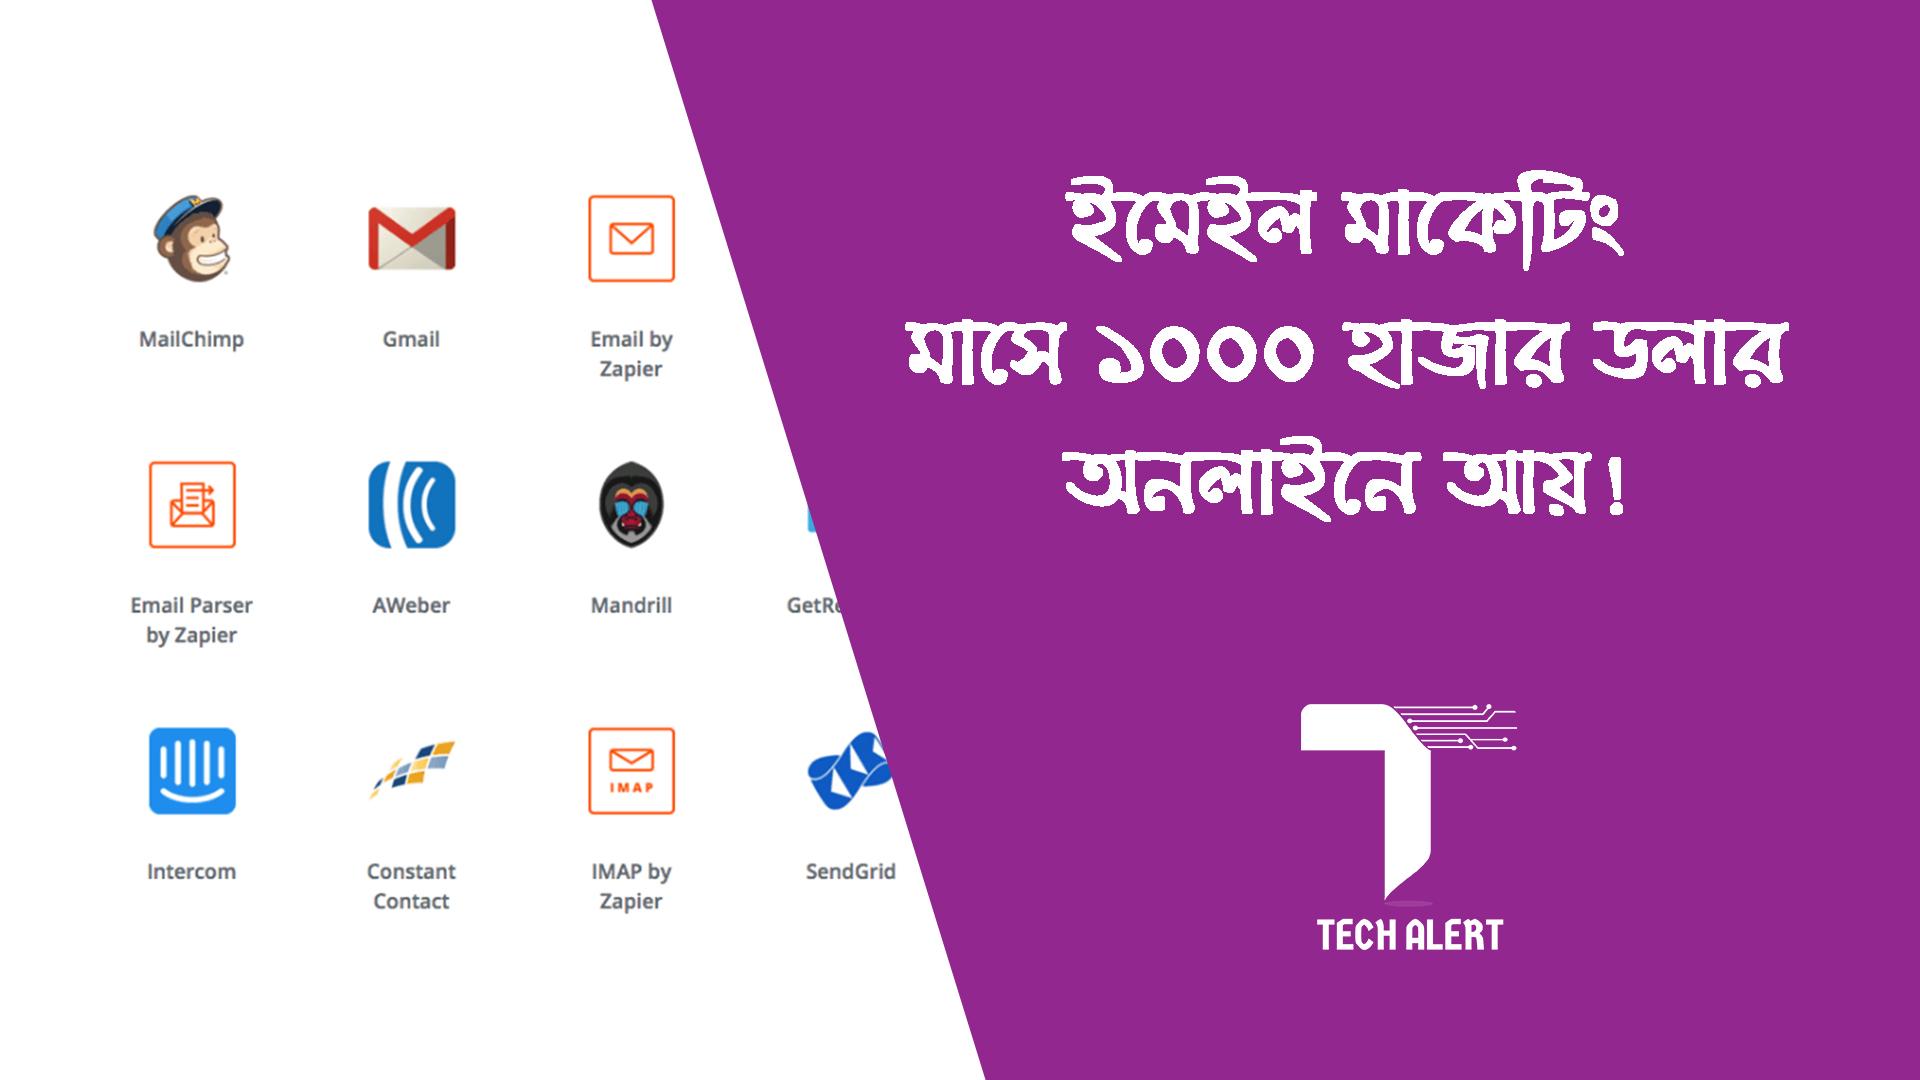 Techalertbangla.com email marketing